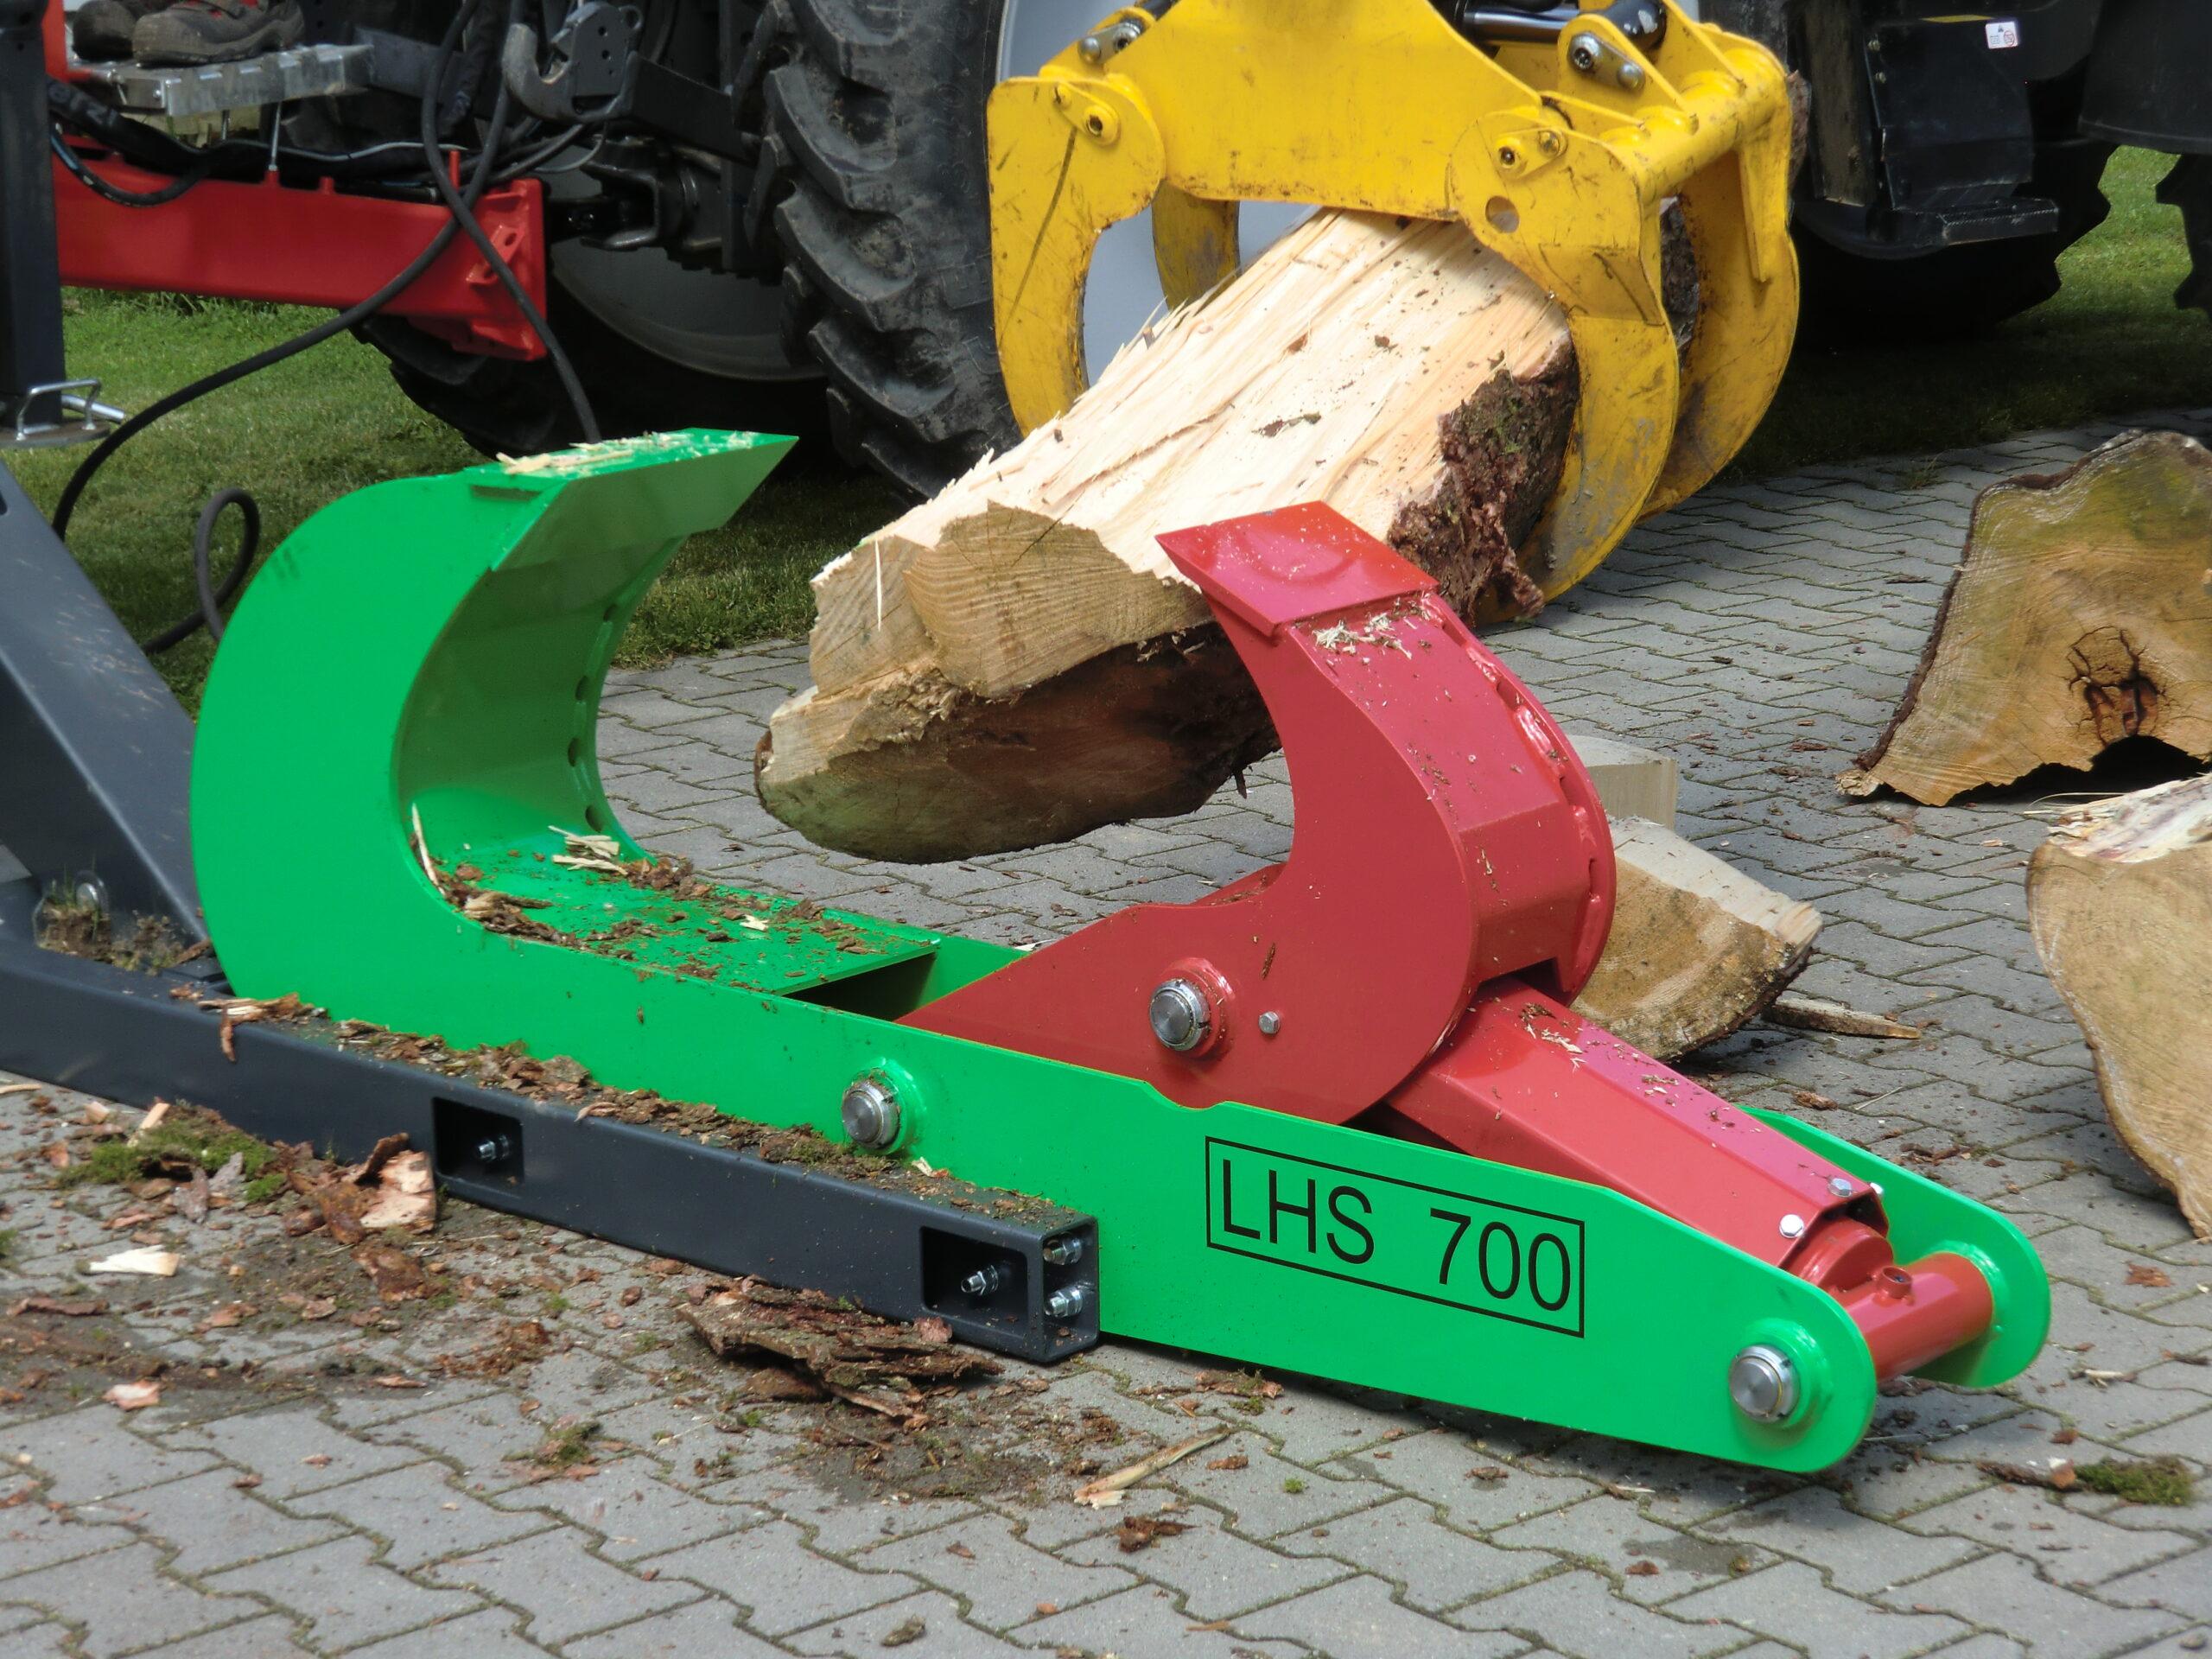 Spaltzange LHS 700 zum Holz spalten